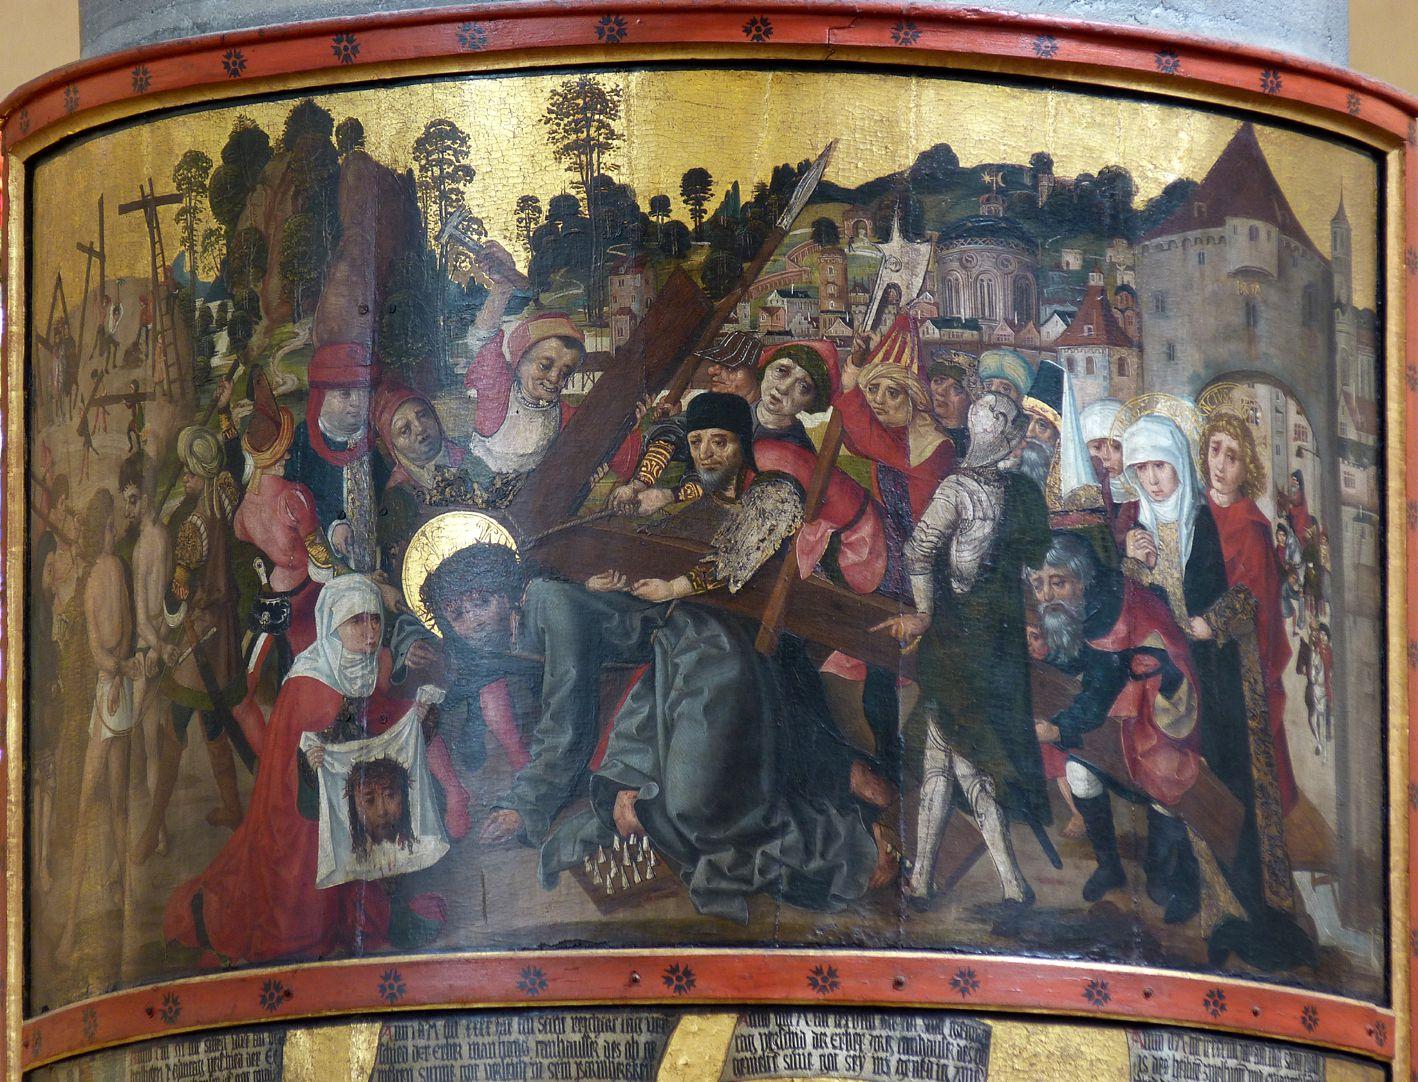 Thanhauser Epitaph oberes Bild mit Darstellung der Kreuztragung